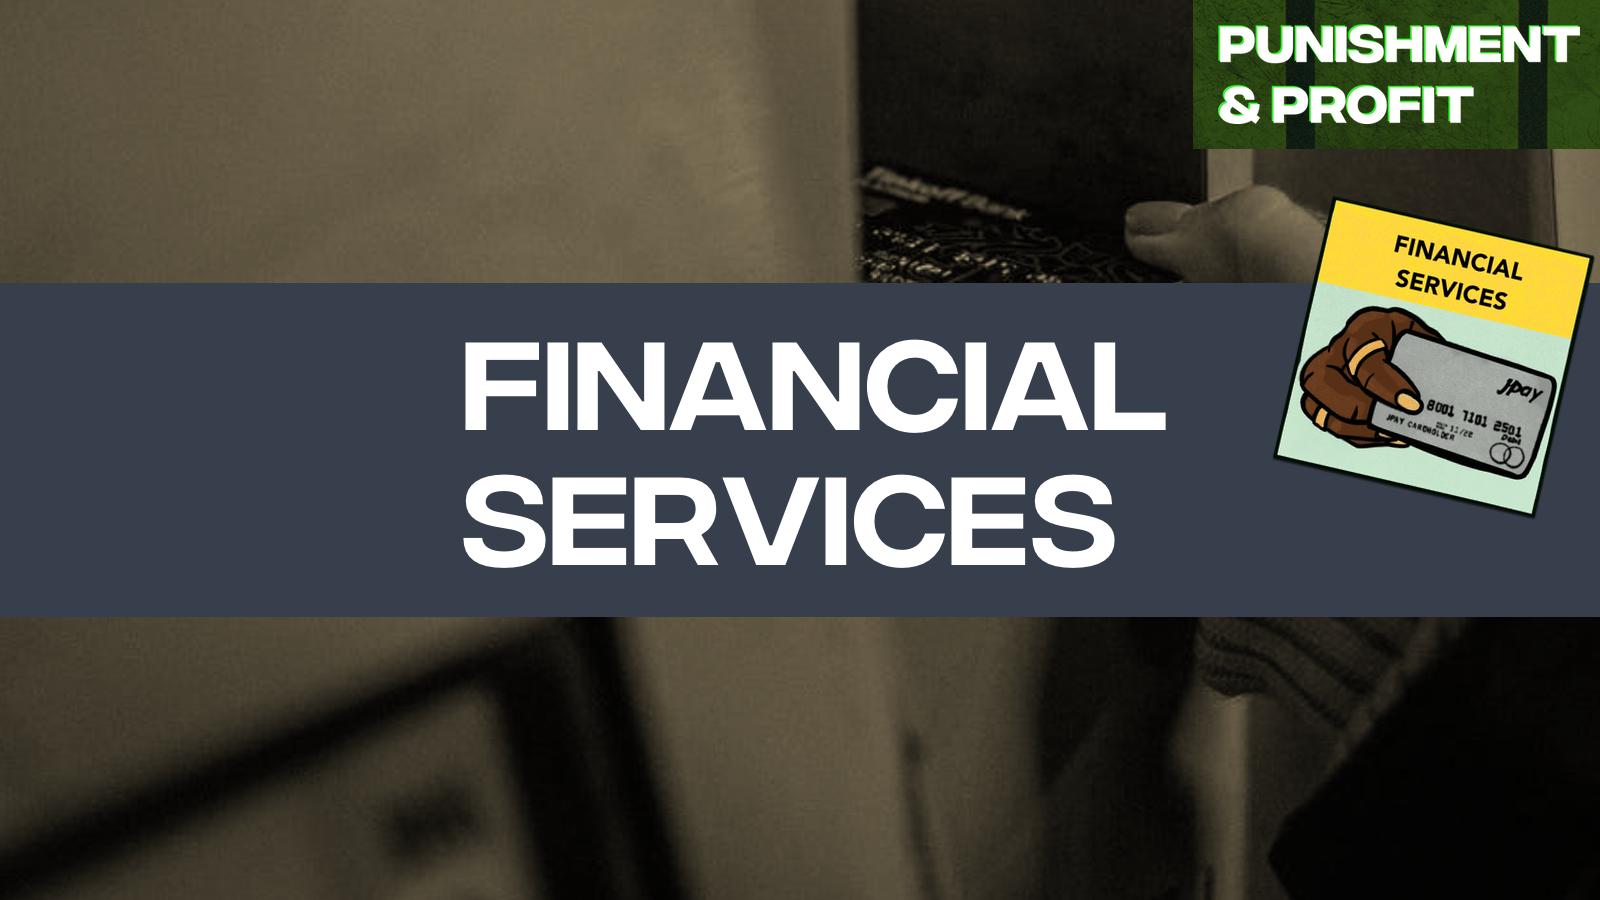 Punishment & Profit: Financial Services